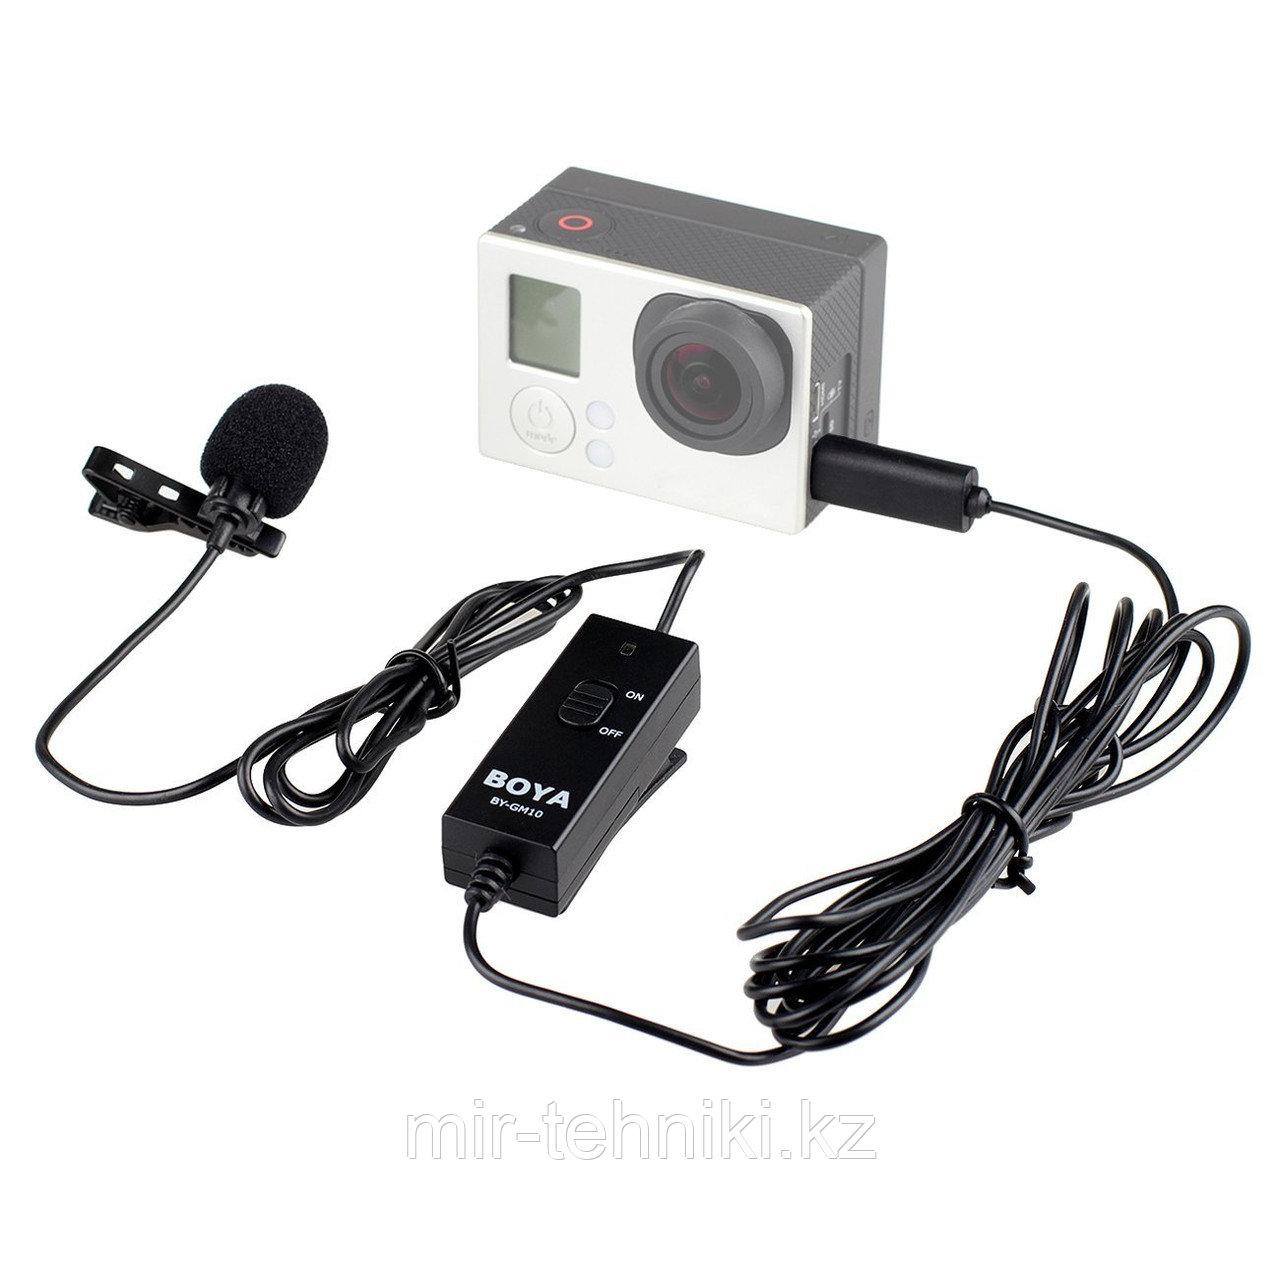 Петличный микрофон Boya BY-GM10